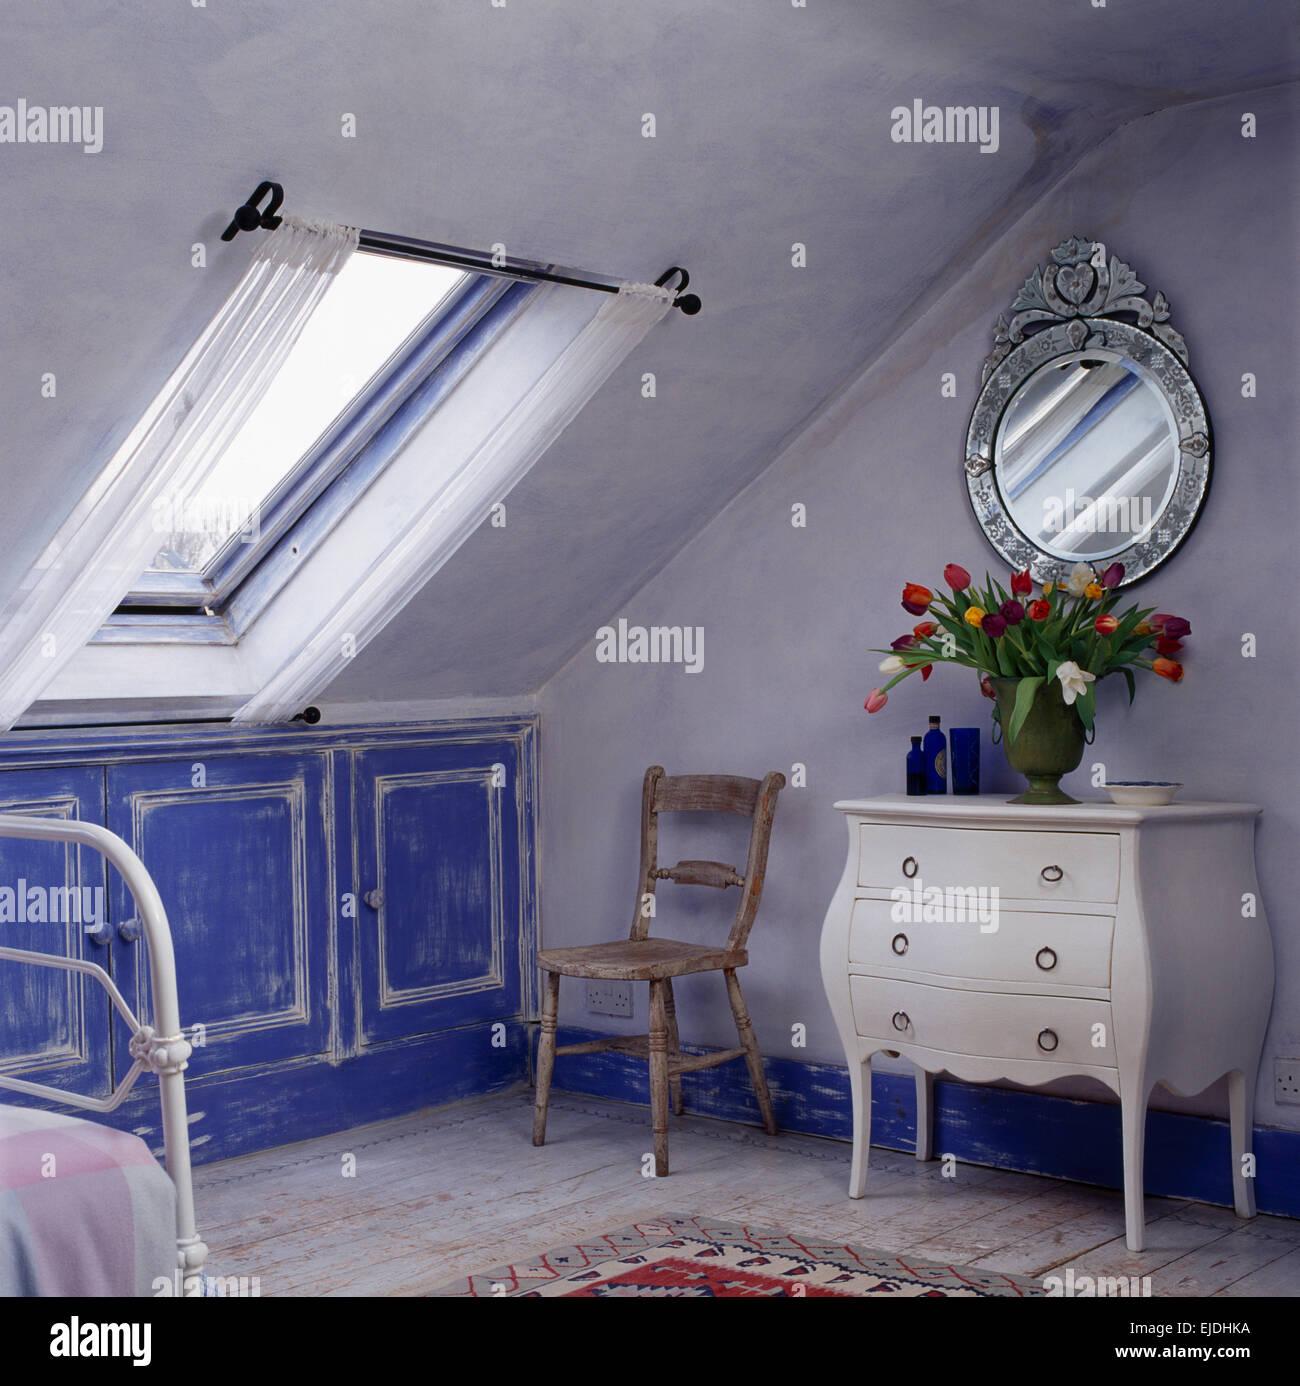 Berühmt Distressed Fensterrahmen Galerie - Benutzerdefinierte ...